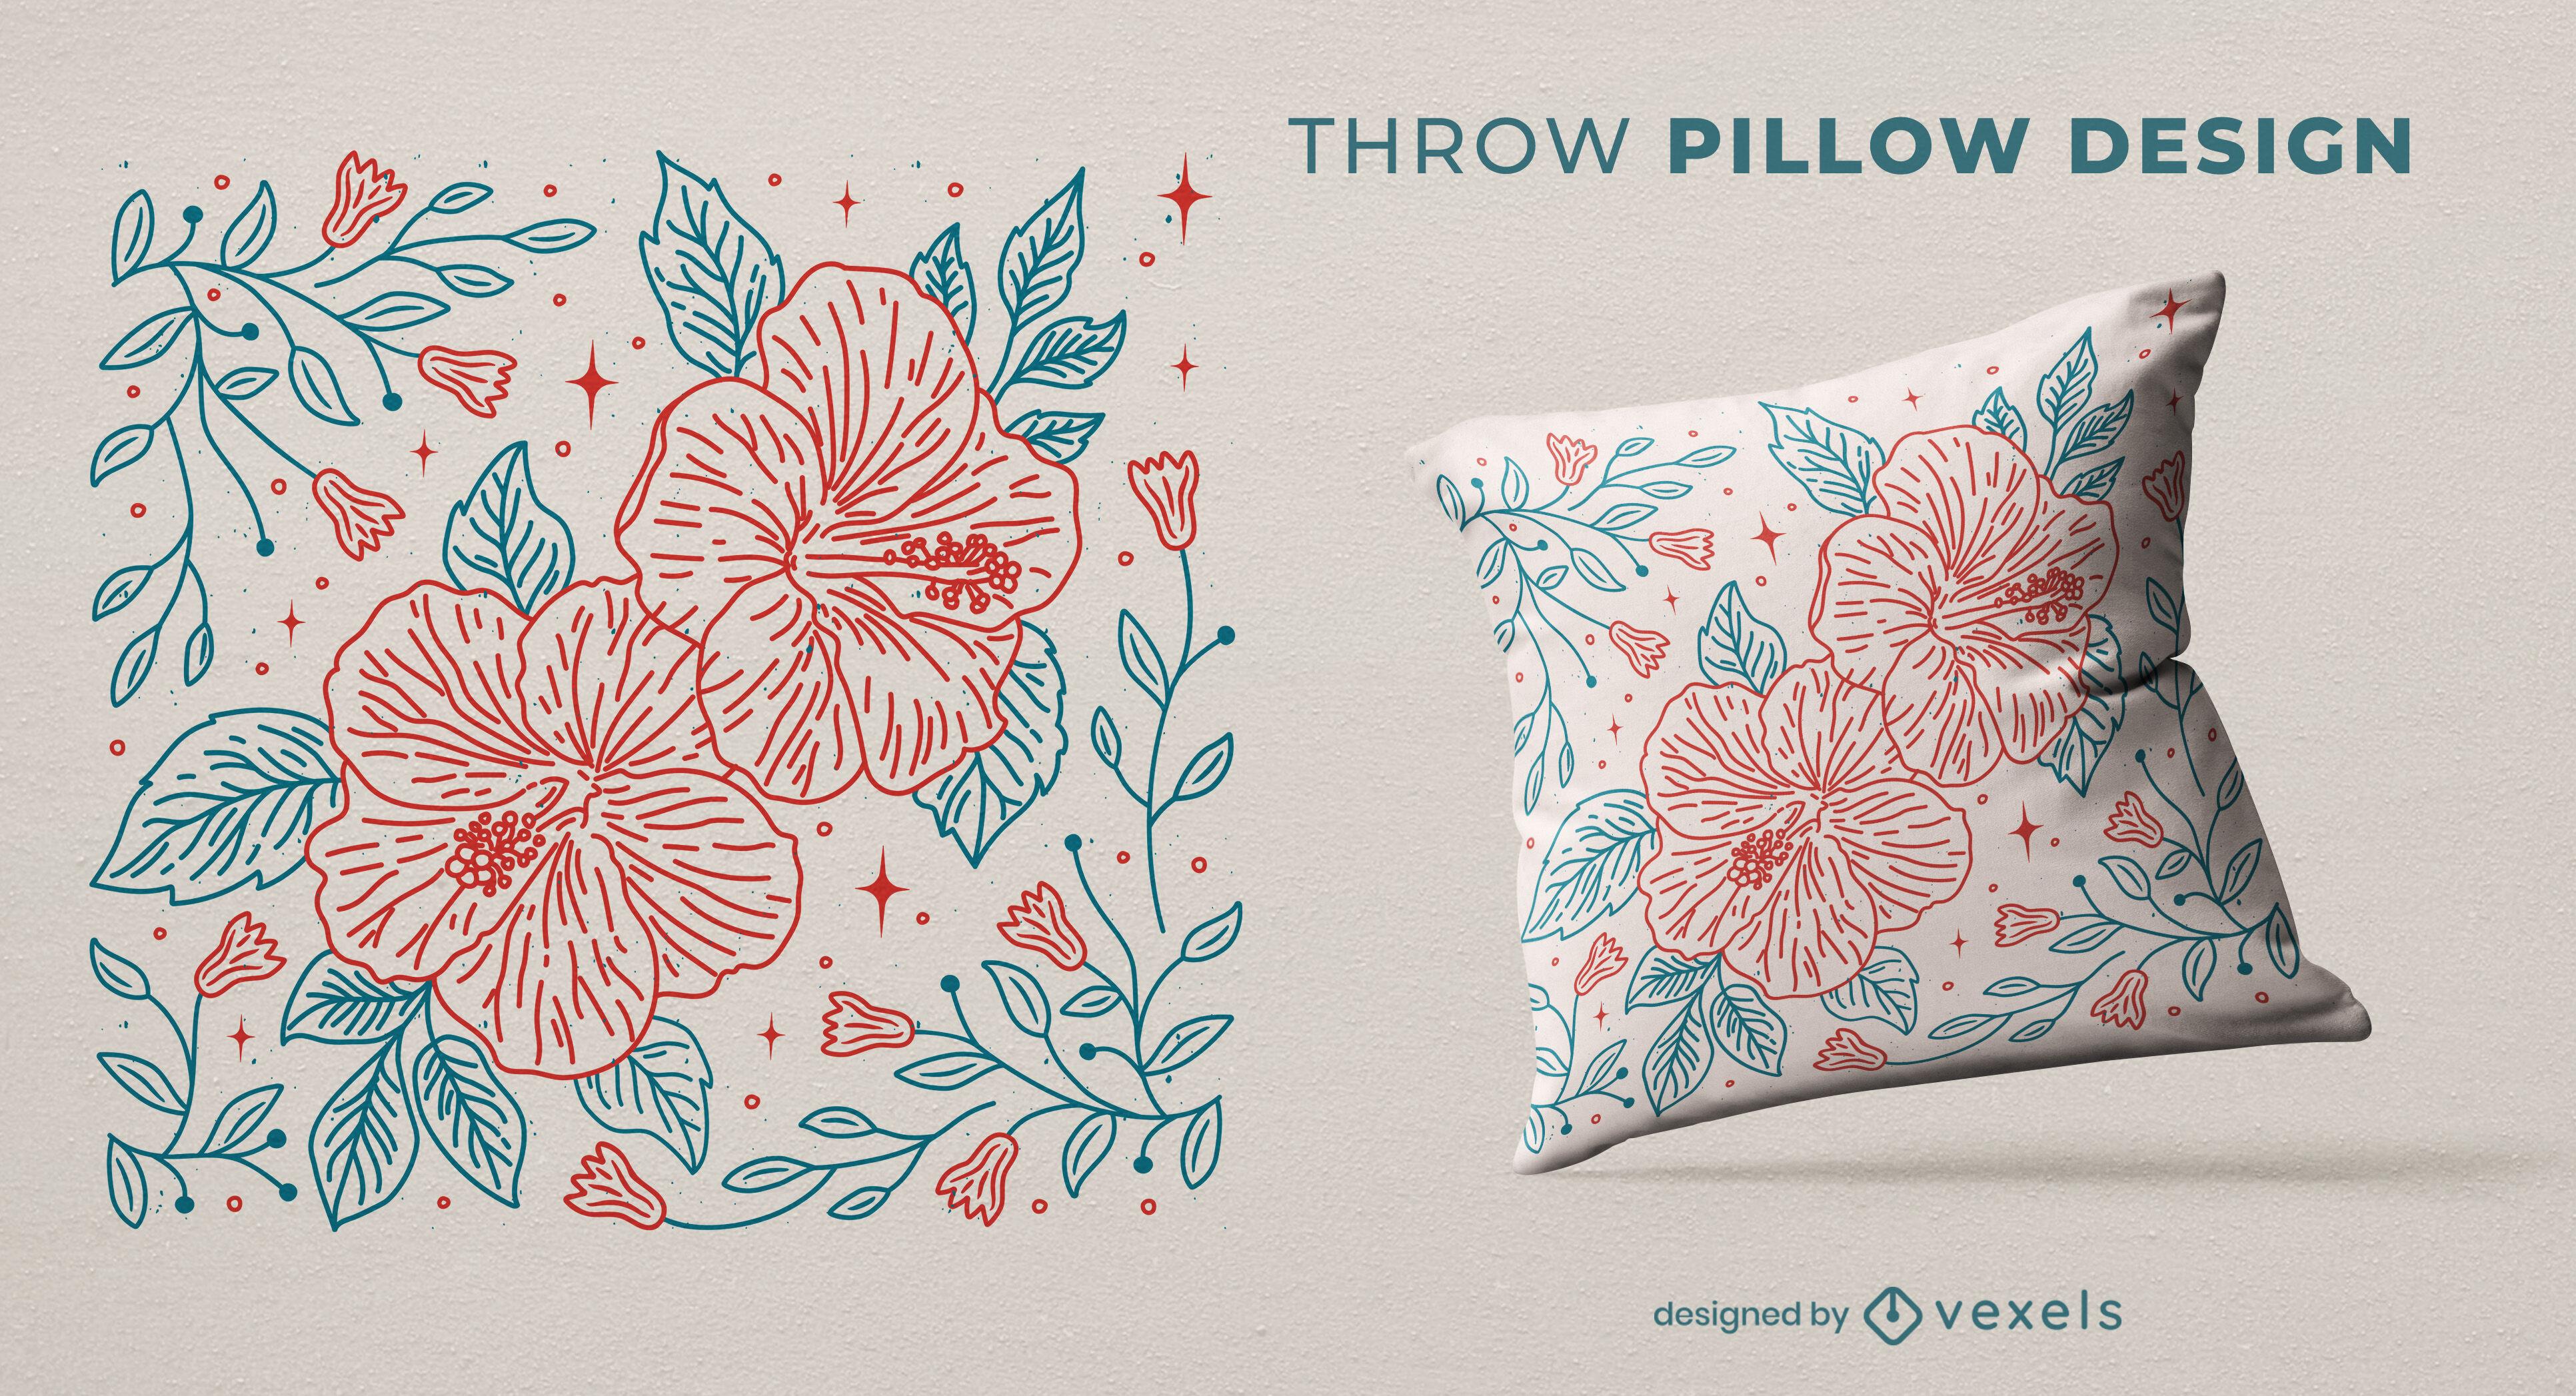 Diseño de almohada de tiro de la naturaleza de flores y hojas.